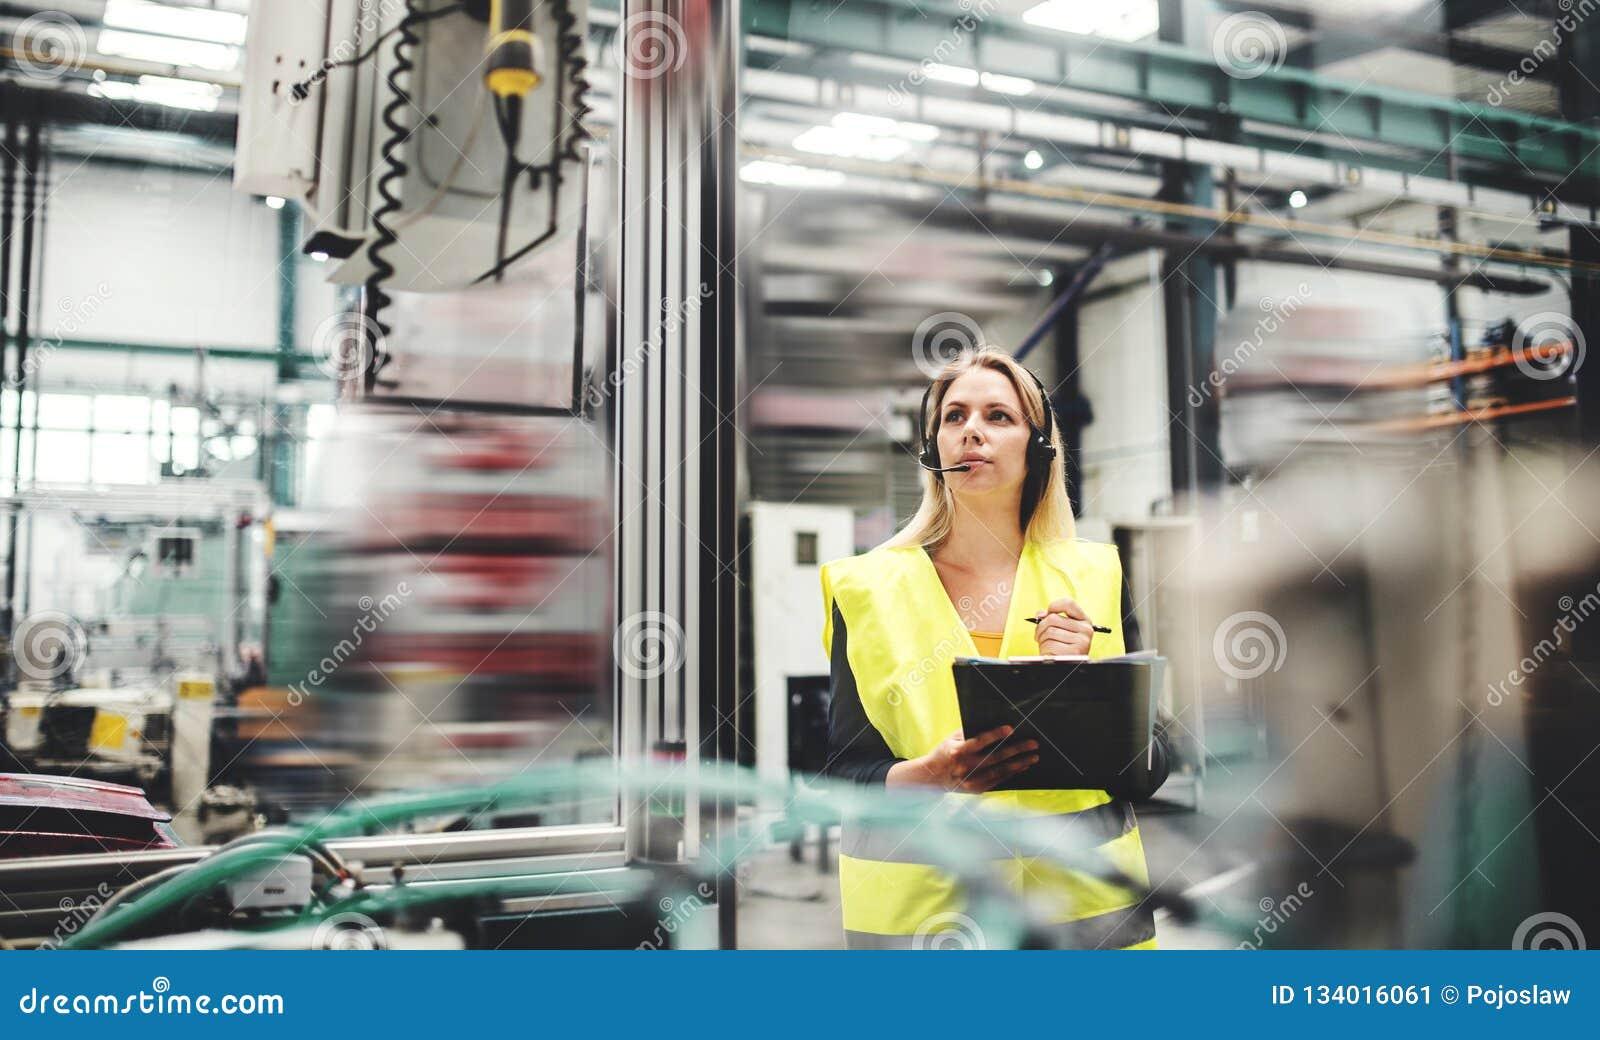 Industriële vrouweningenieur met hoofdtelefoon in een fabriek, het werken De ruimte van het exemplaar